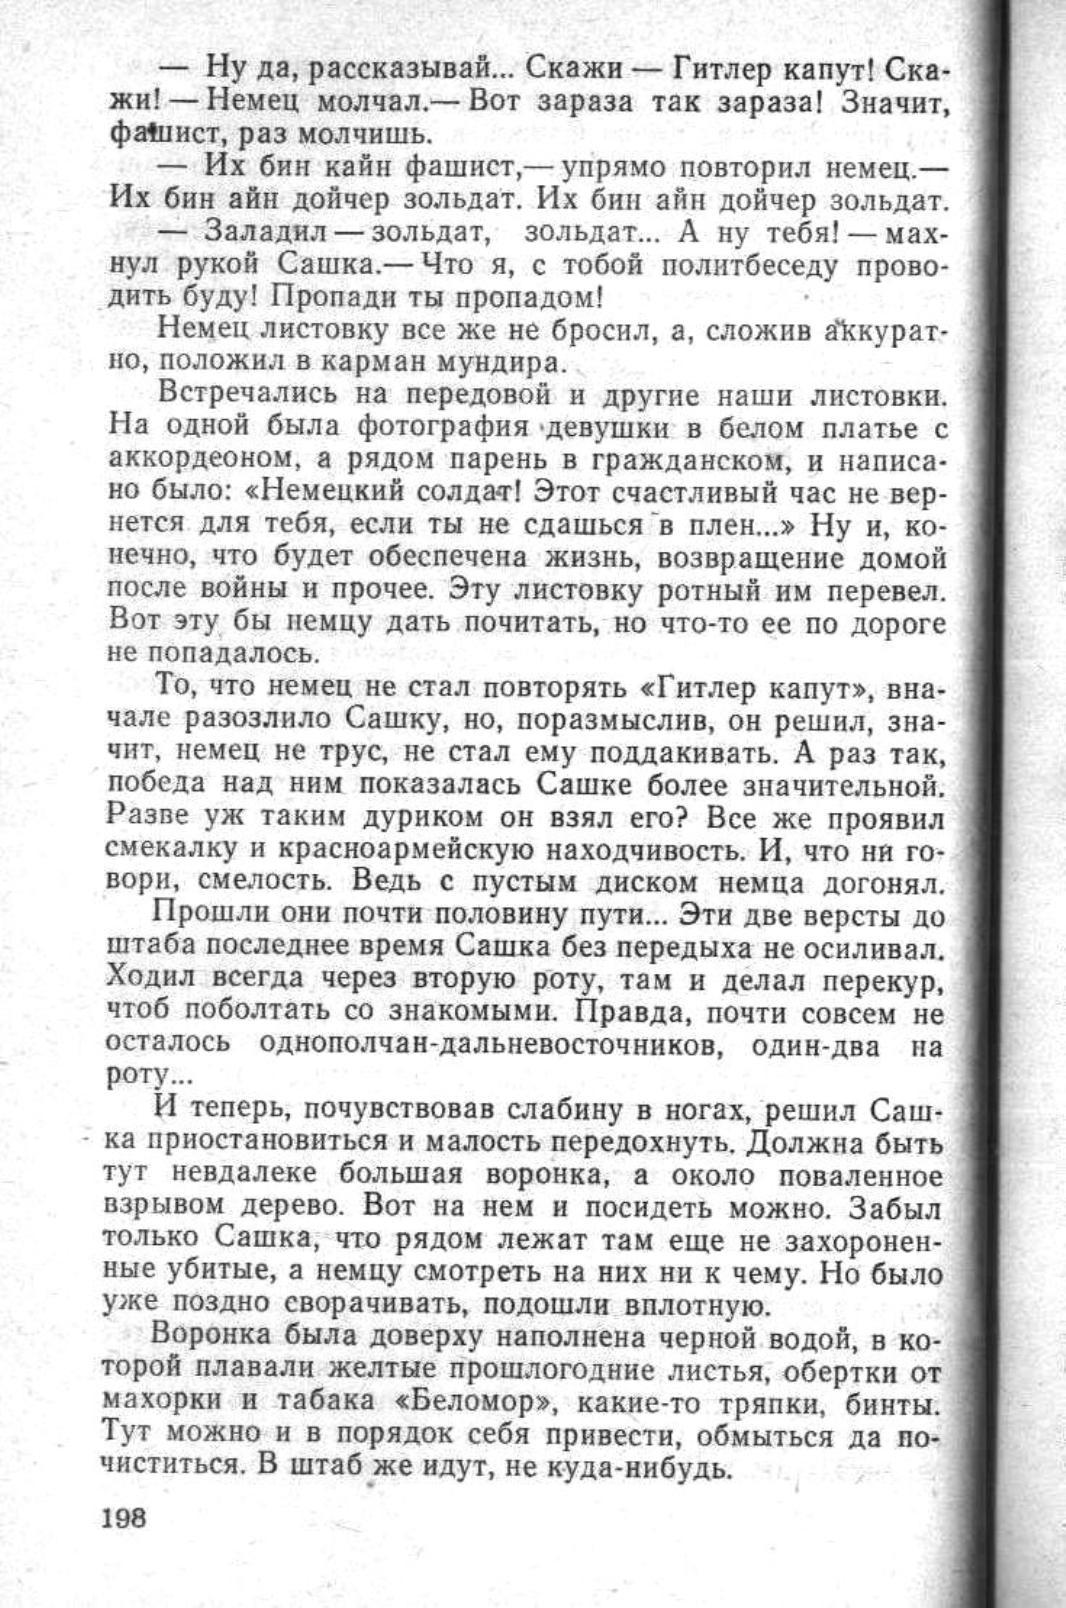 Сашка. Повесть. Вячеслав Кондратьев .002. 017